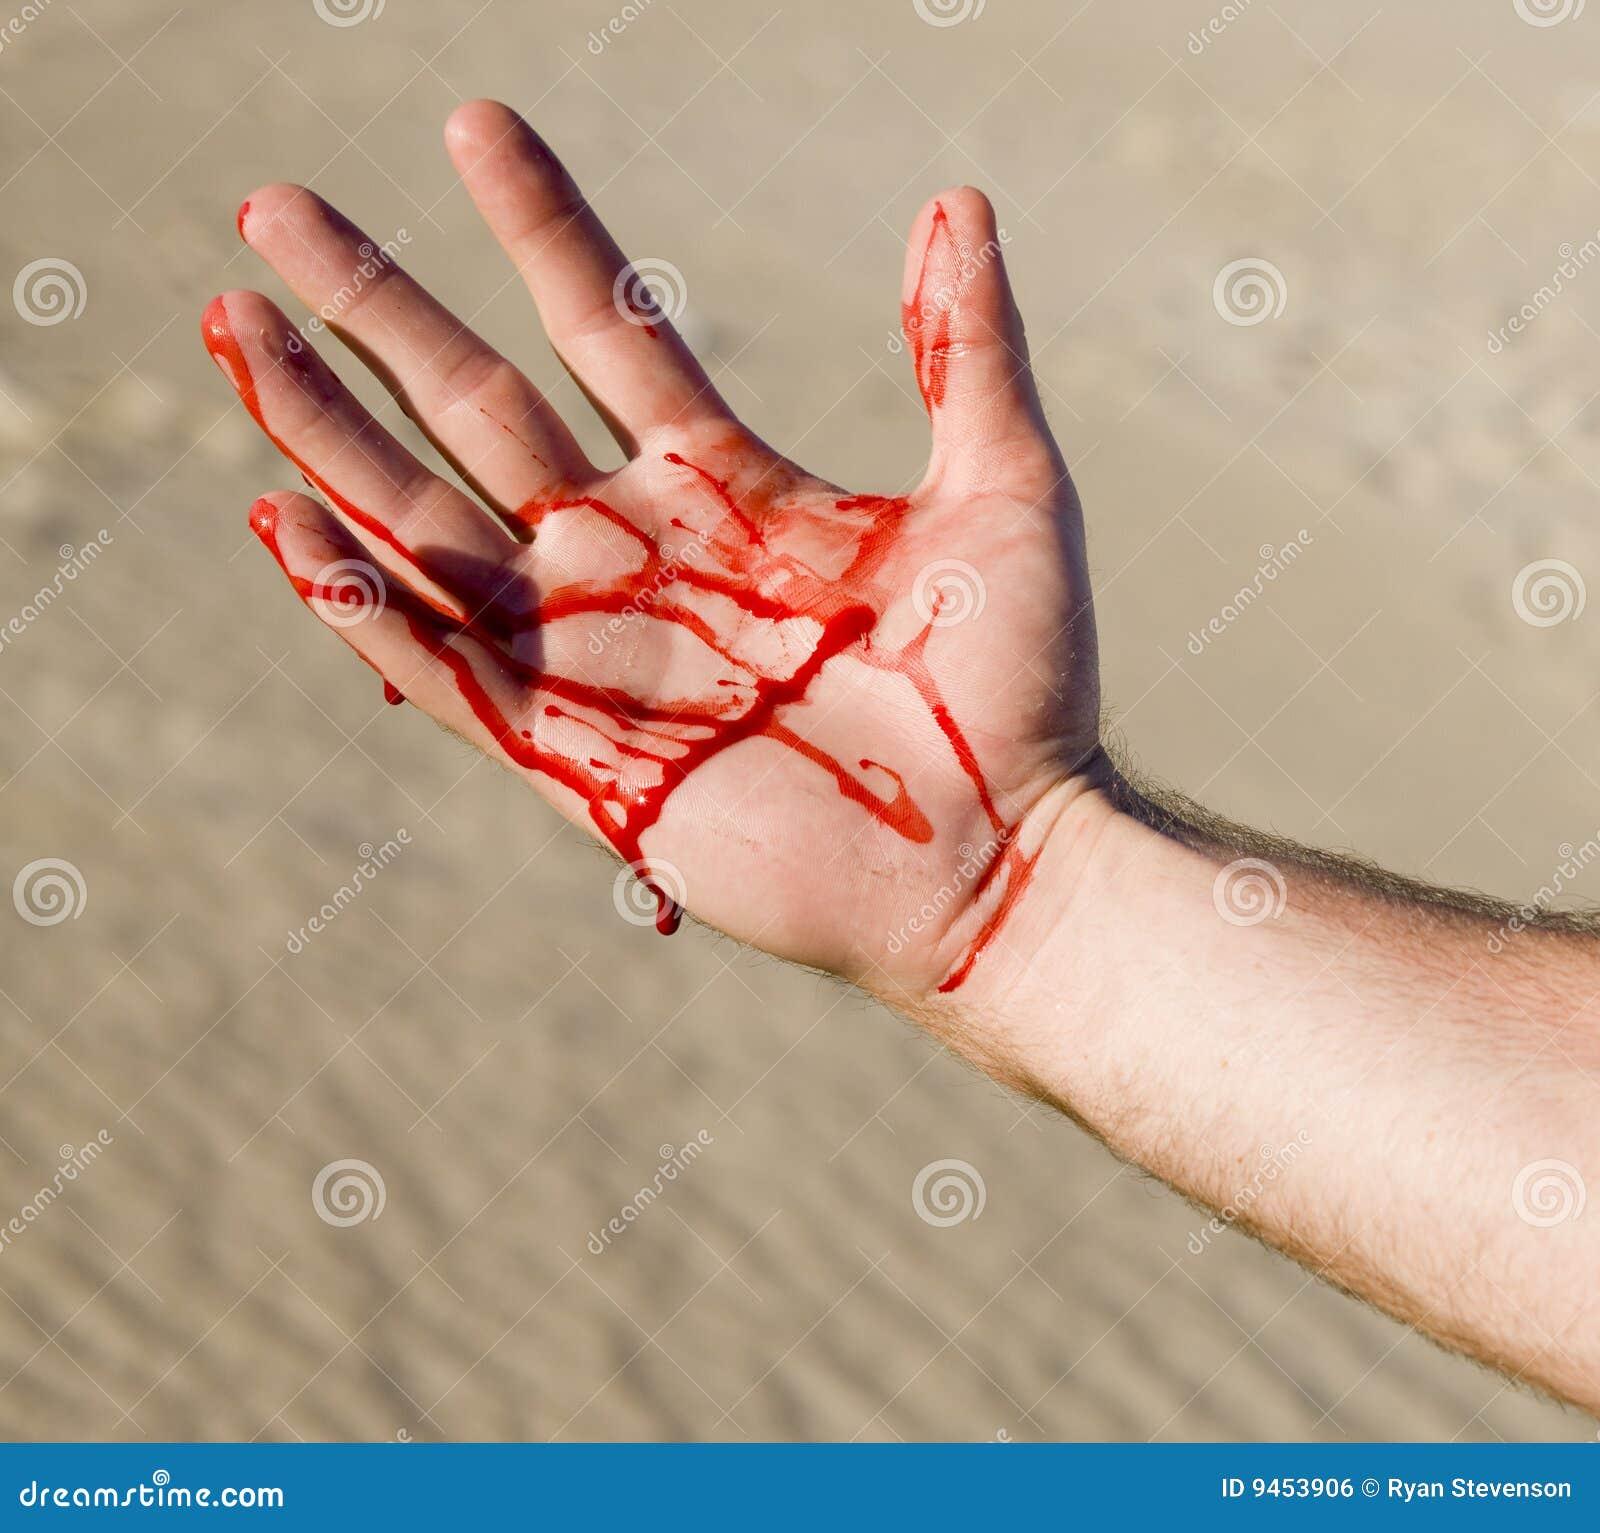 Krwista ręka